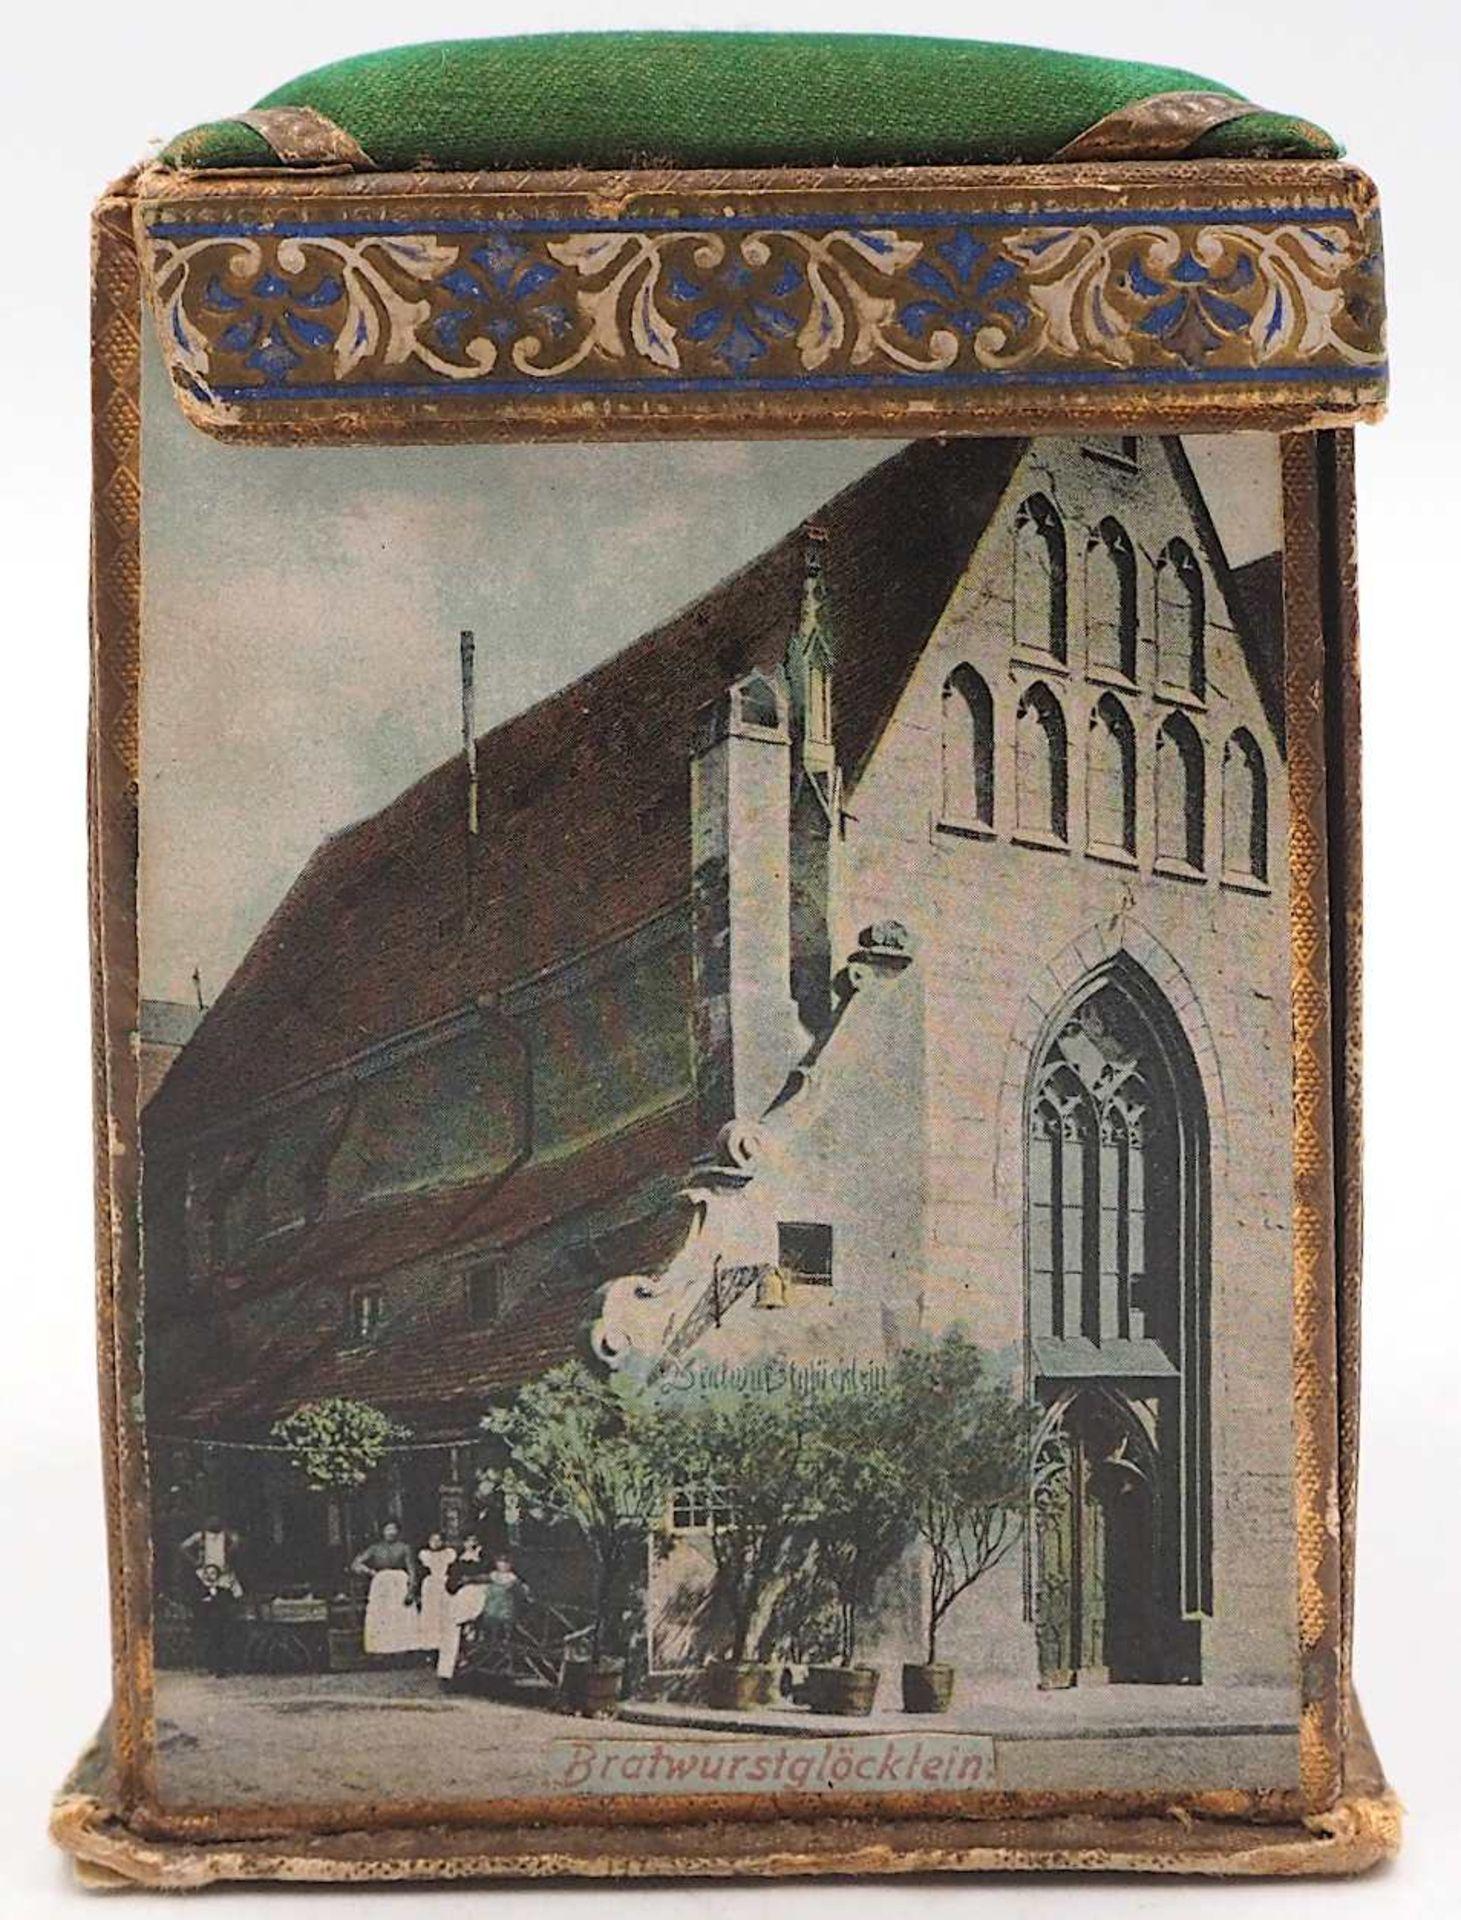 1 Reisenähset wohl um 1900 bedruckte Pappe/Stoff, aufklappbar, auf Wandung Nürnberge - Bild 5 aus 5